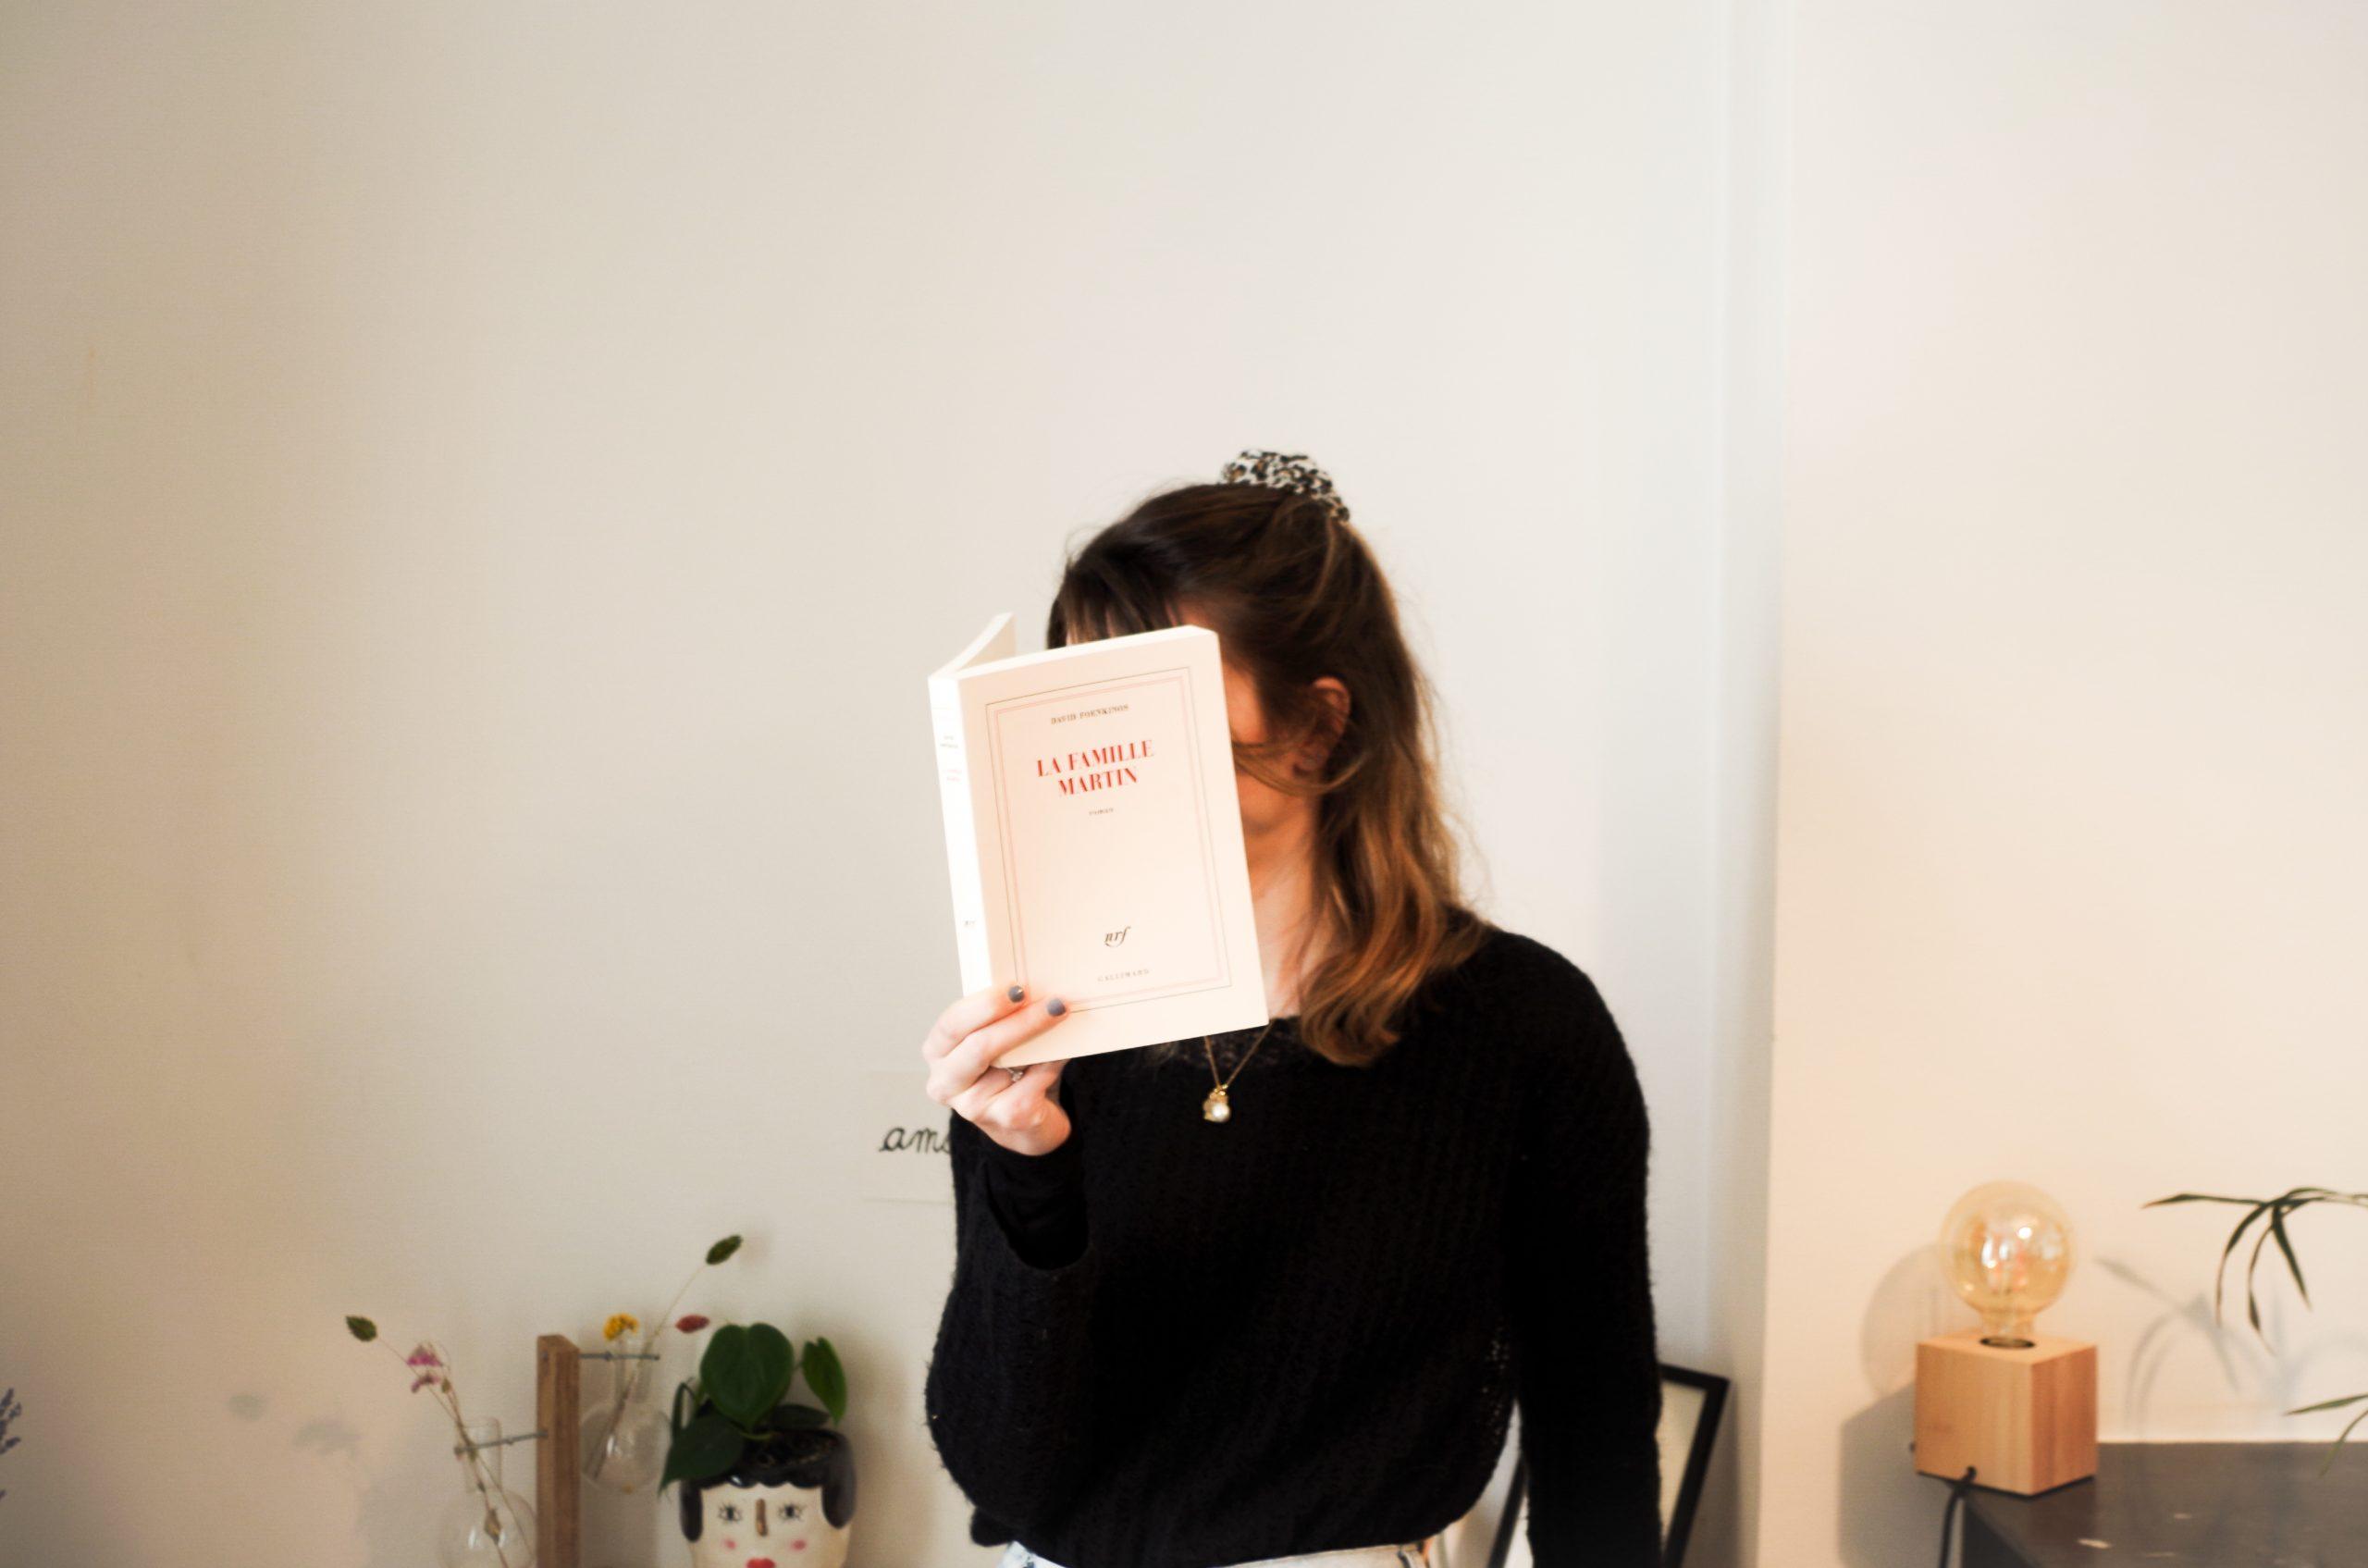 Que lire – 3 idées de livres pour le printemps